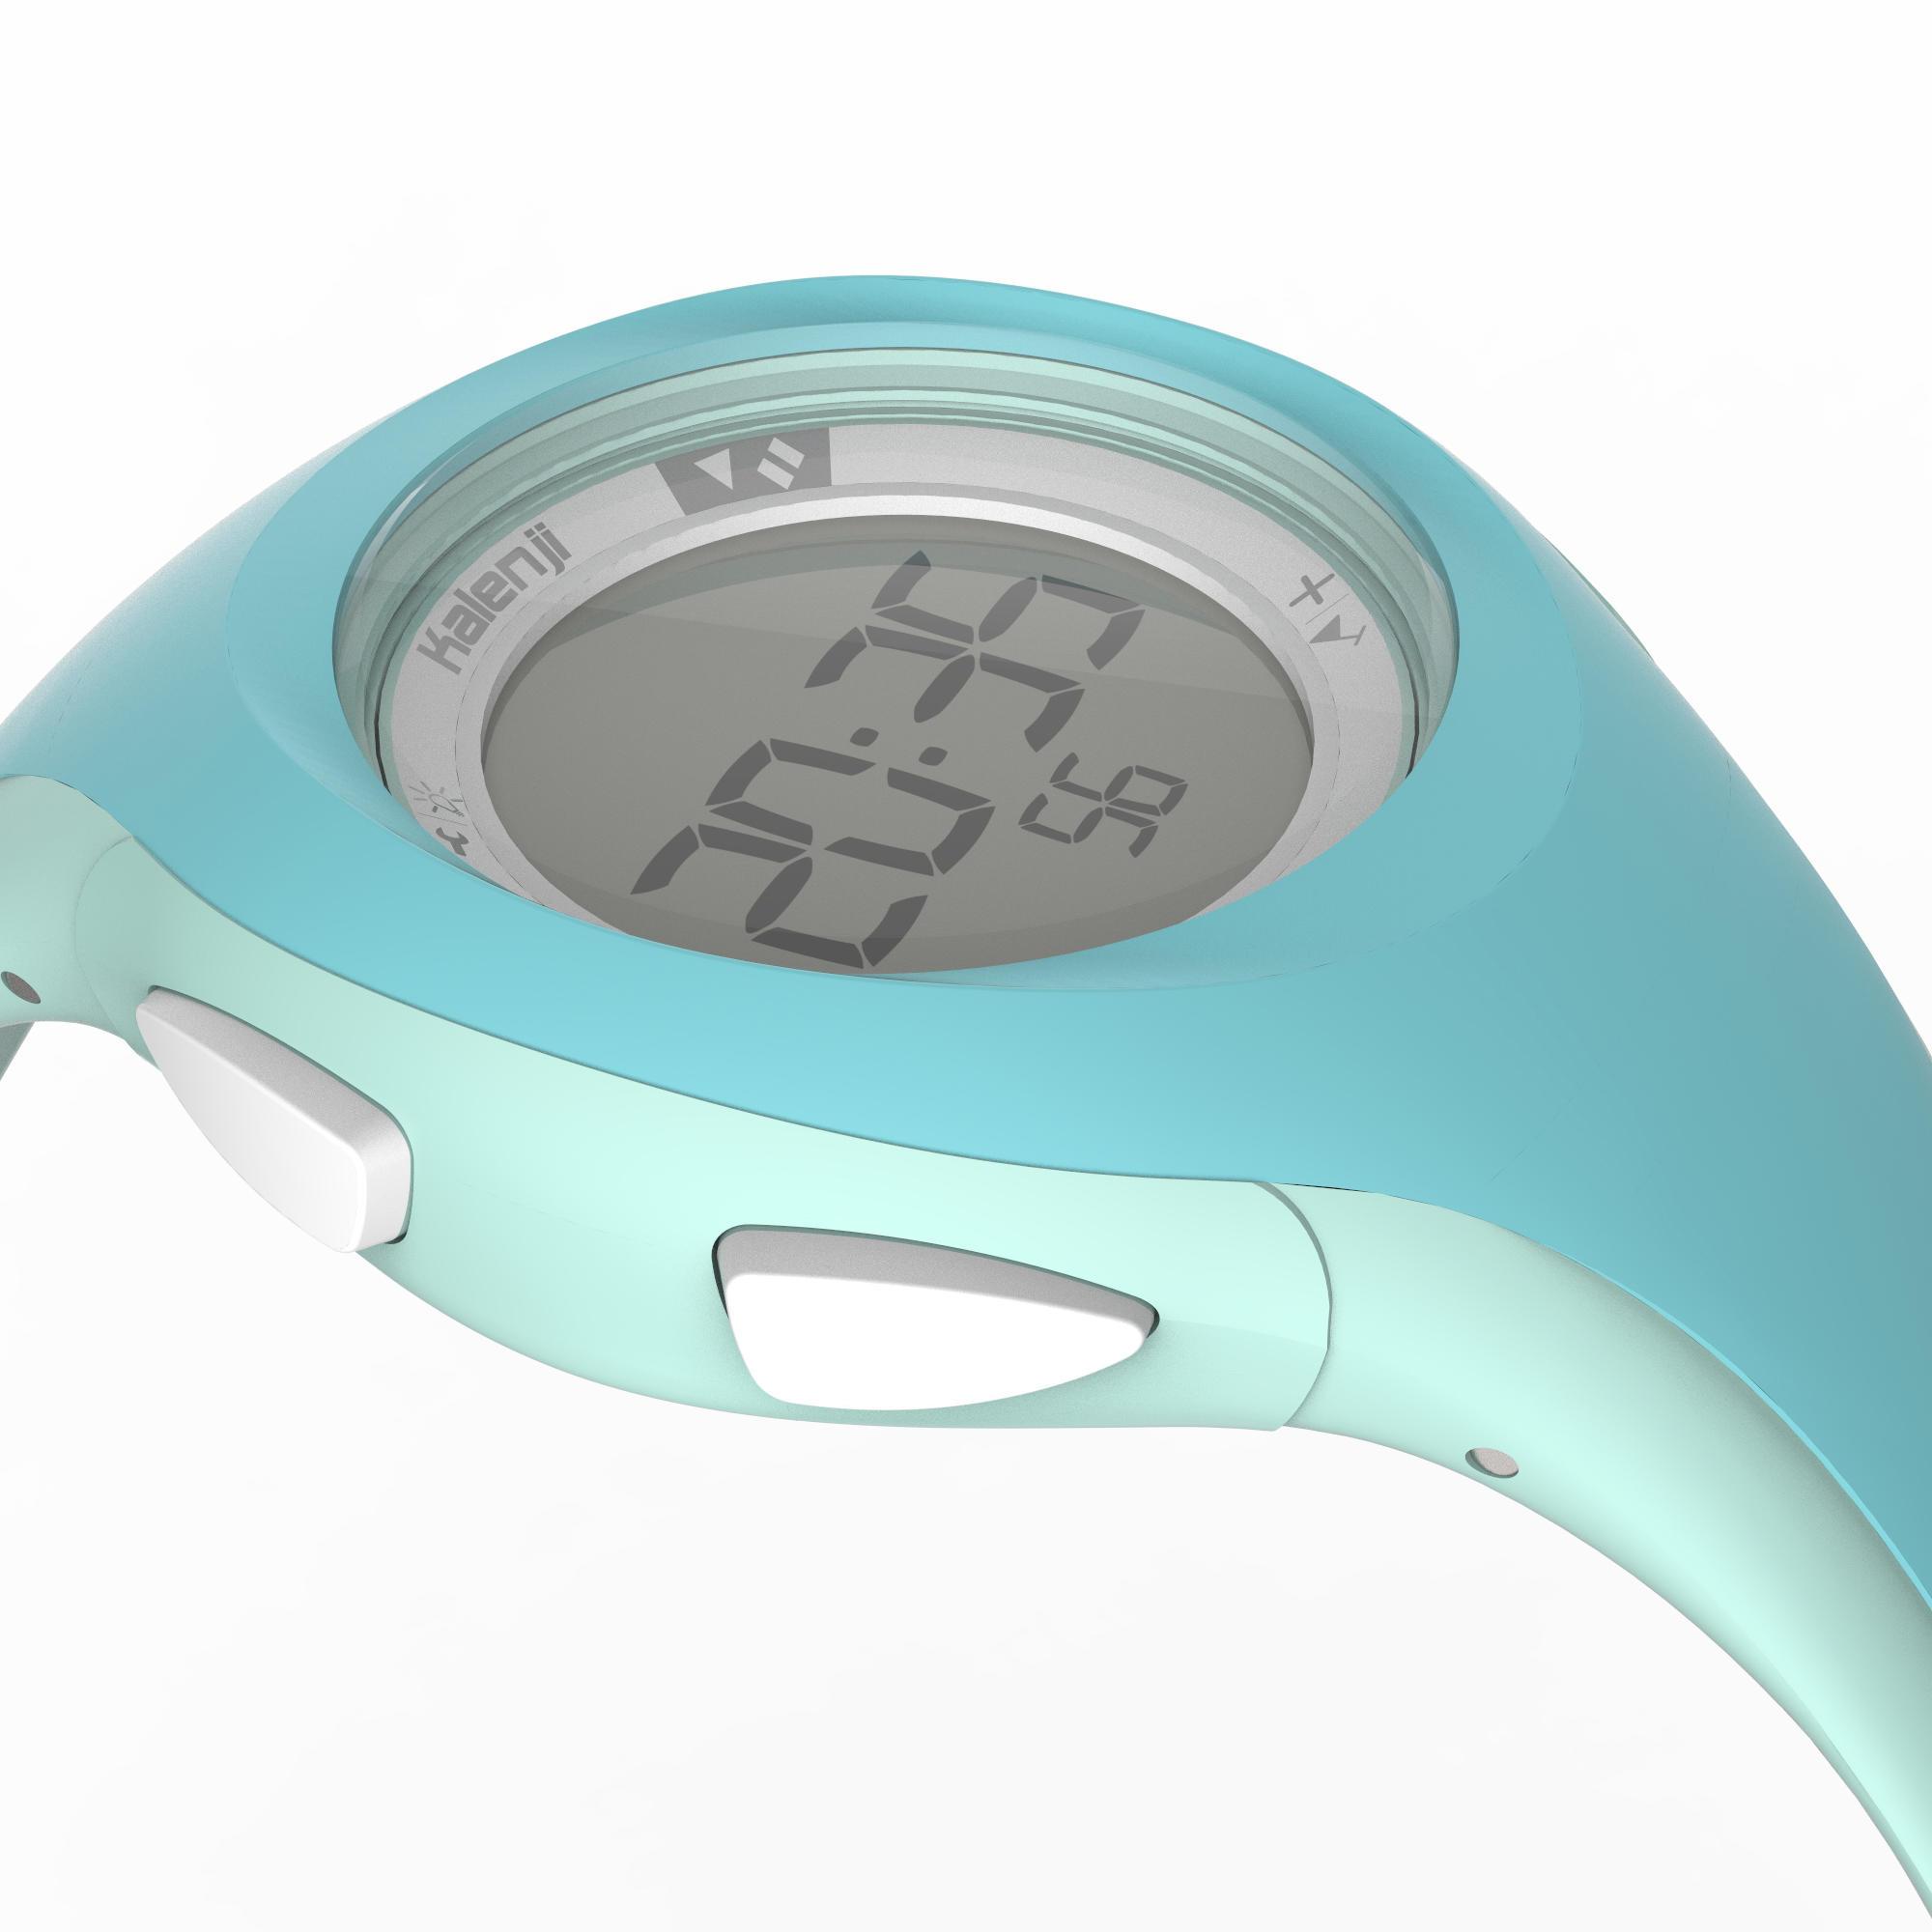 Reloj digital deportivo mujer y junior W200 S temporizador verde pastel